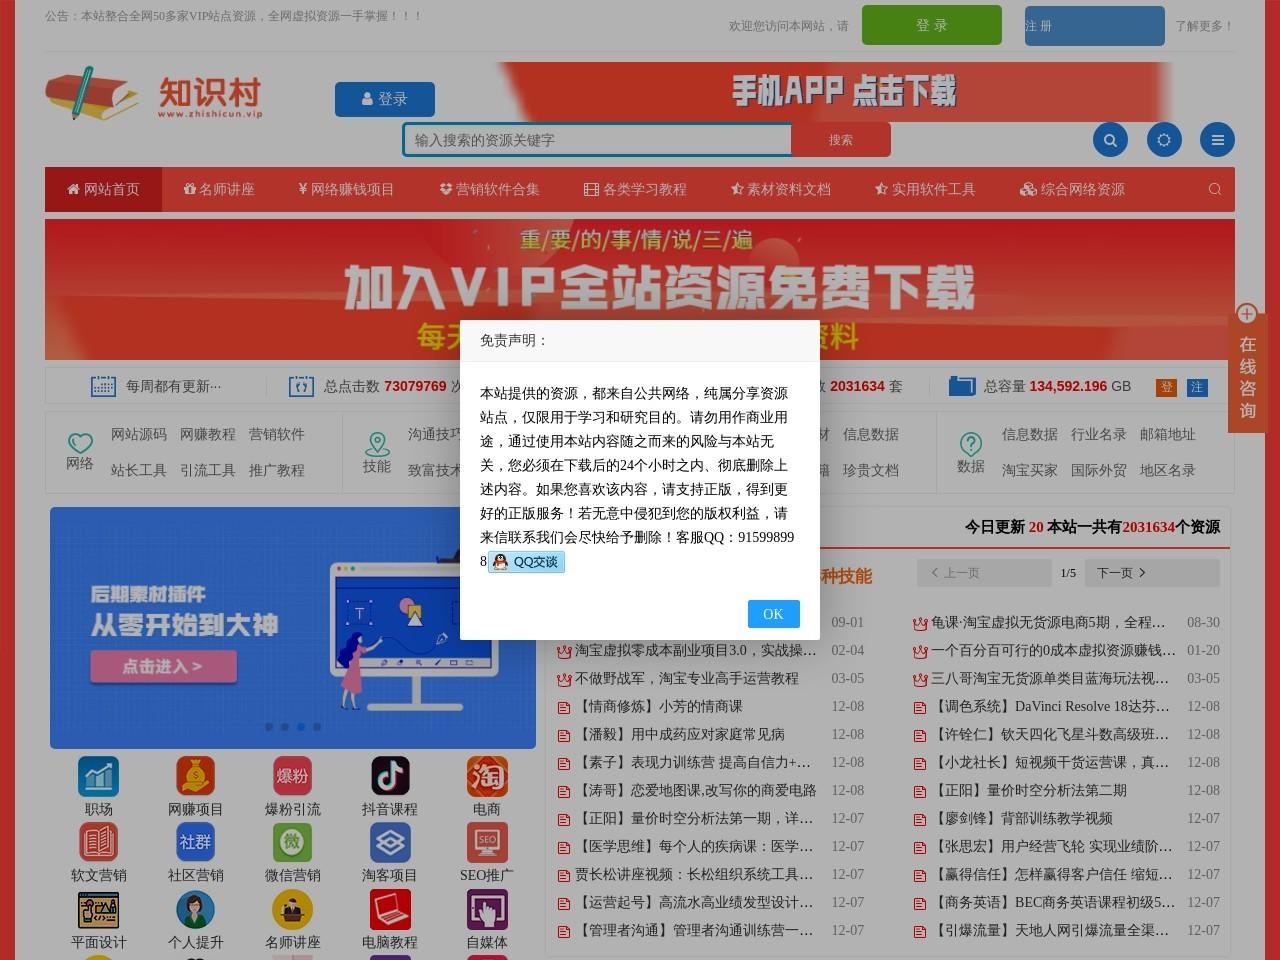 知识村_全网VIP虚拟资源整合中心